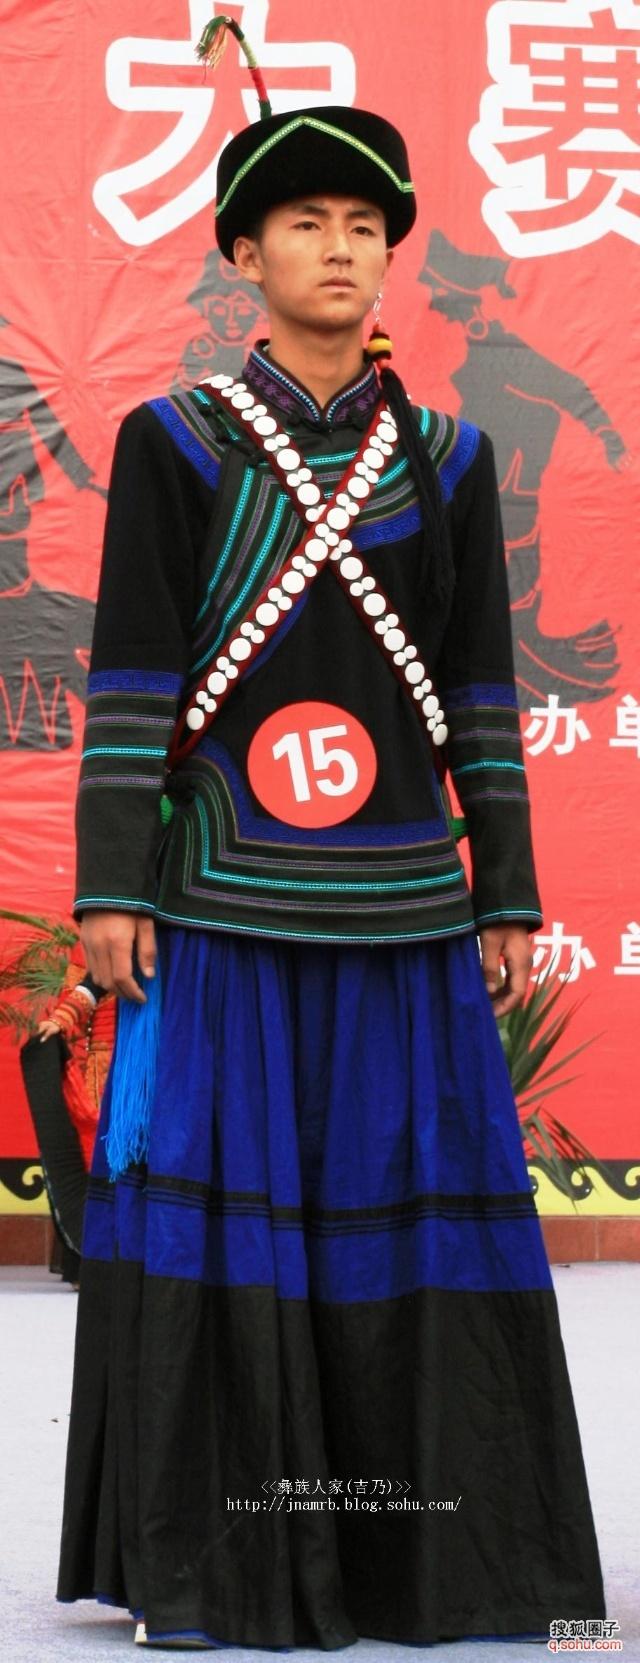 彝族帅哥图片_2010年越西火把节美女--第一名